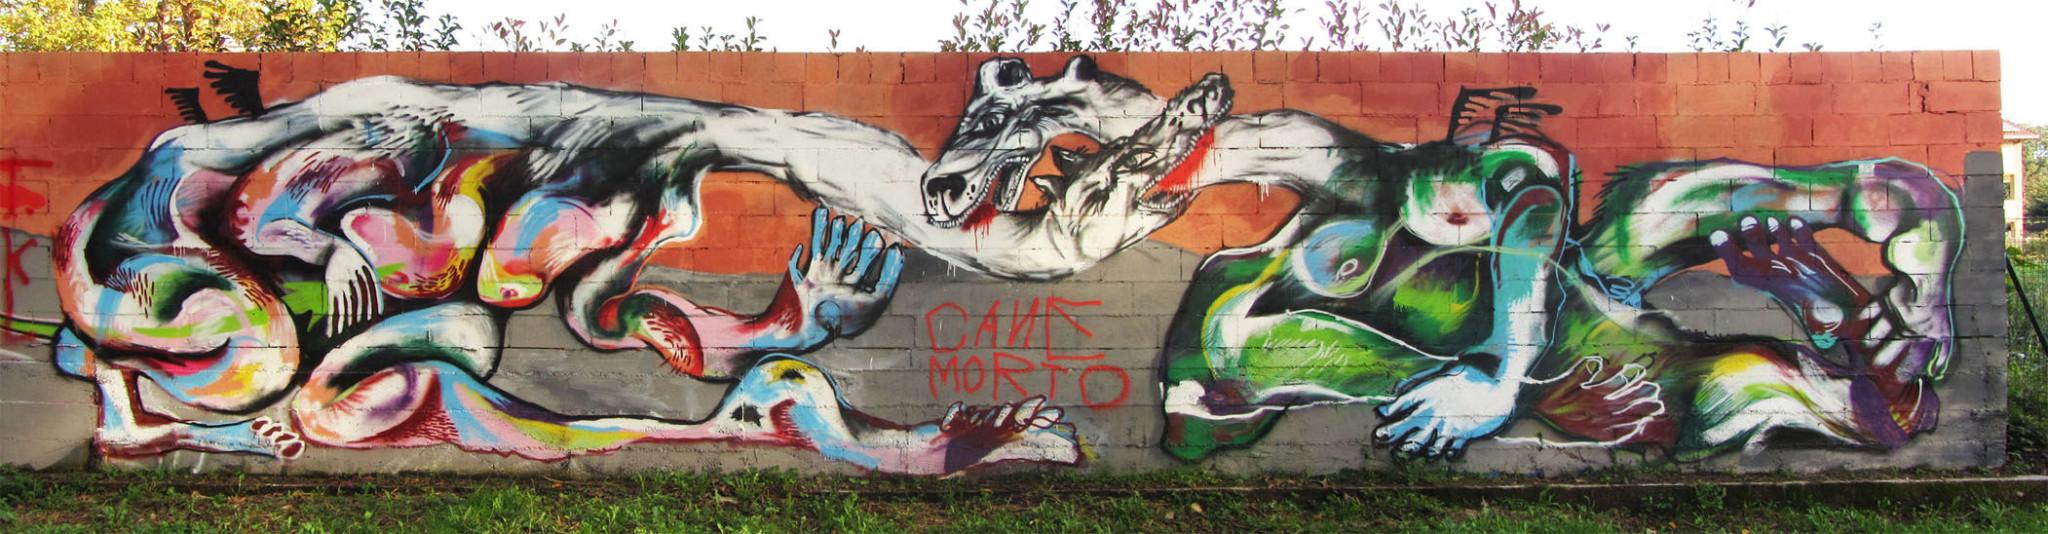 Œuvre Par Azz the One à Milan (Façades)